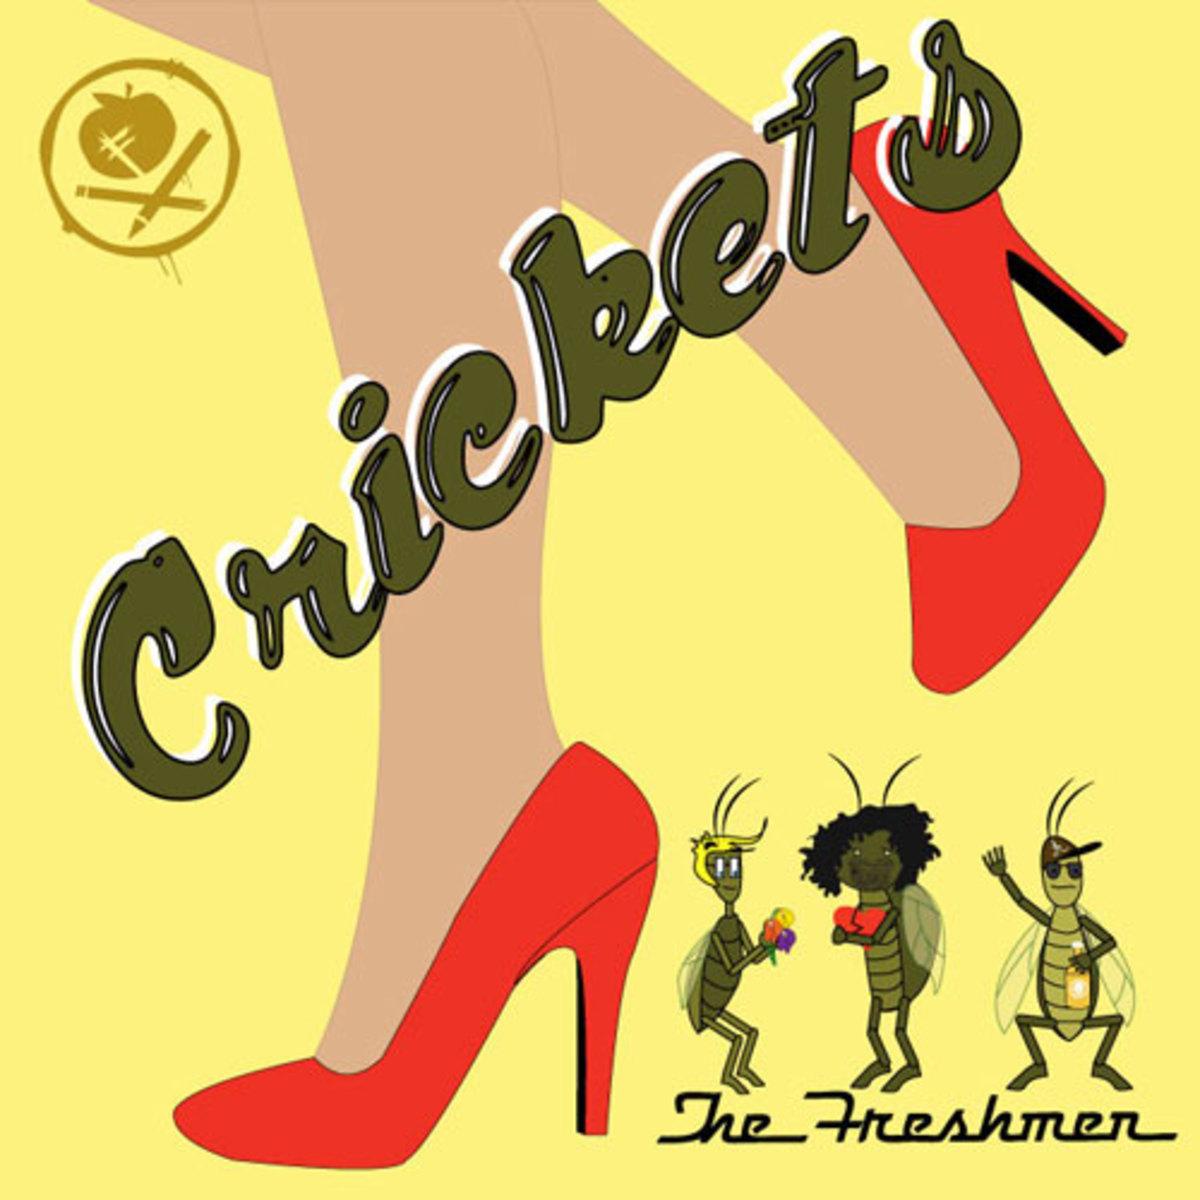 thefreshmen-crickets.jpg